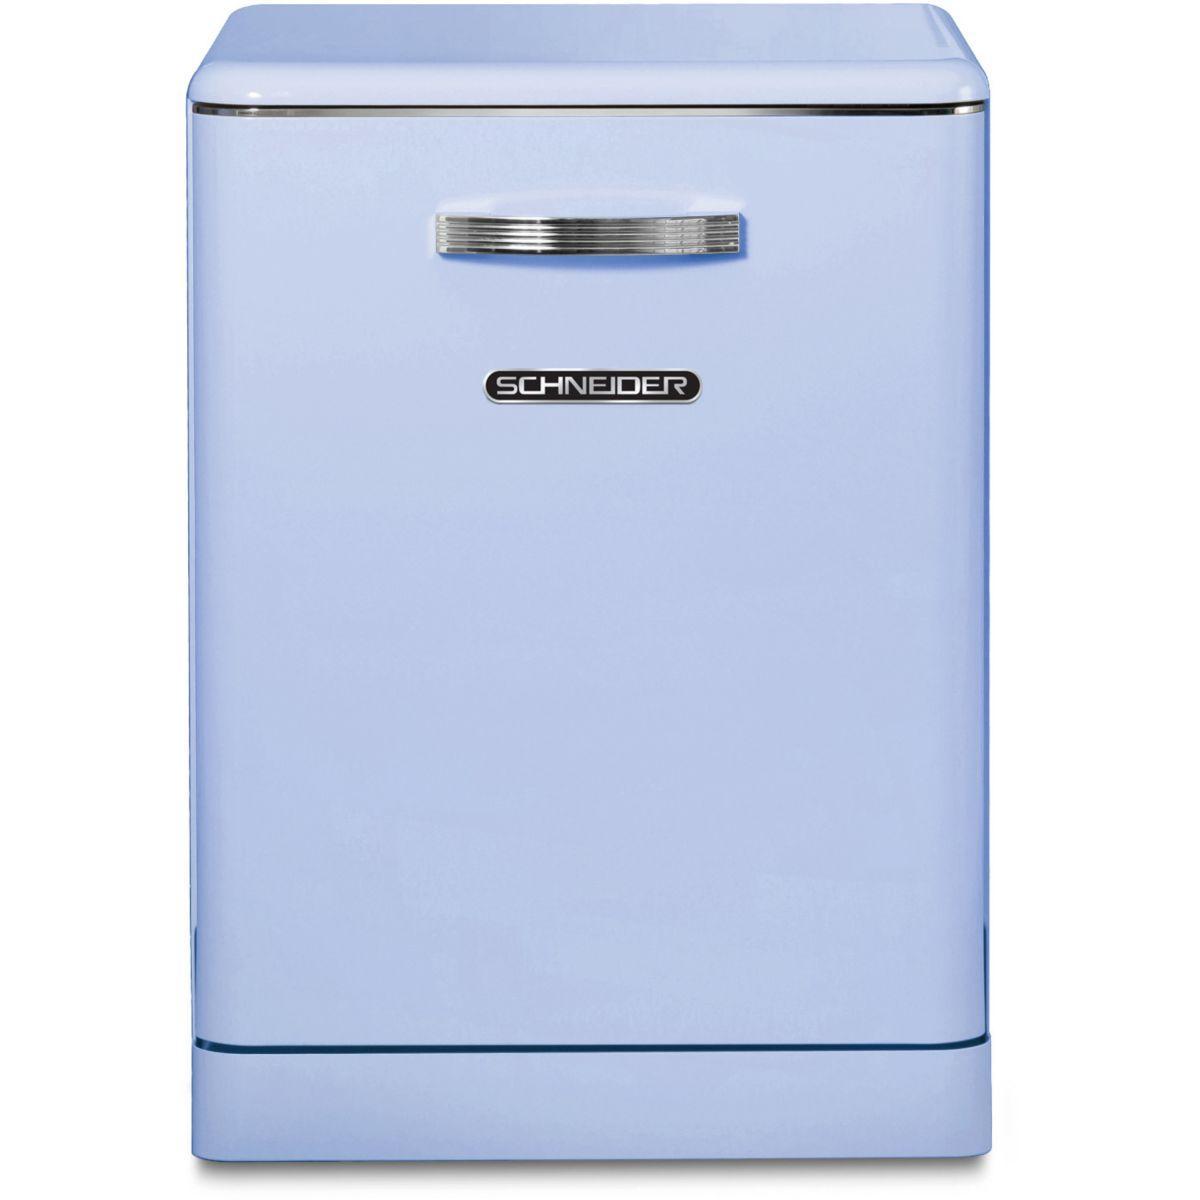 Lave vaisselle 60 cm schneider sdw1444vbl vintage bleu - livraison offerte : code livp (photo)